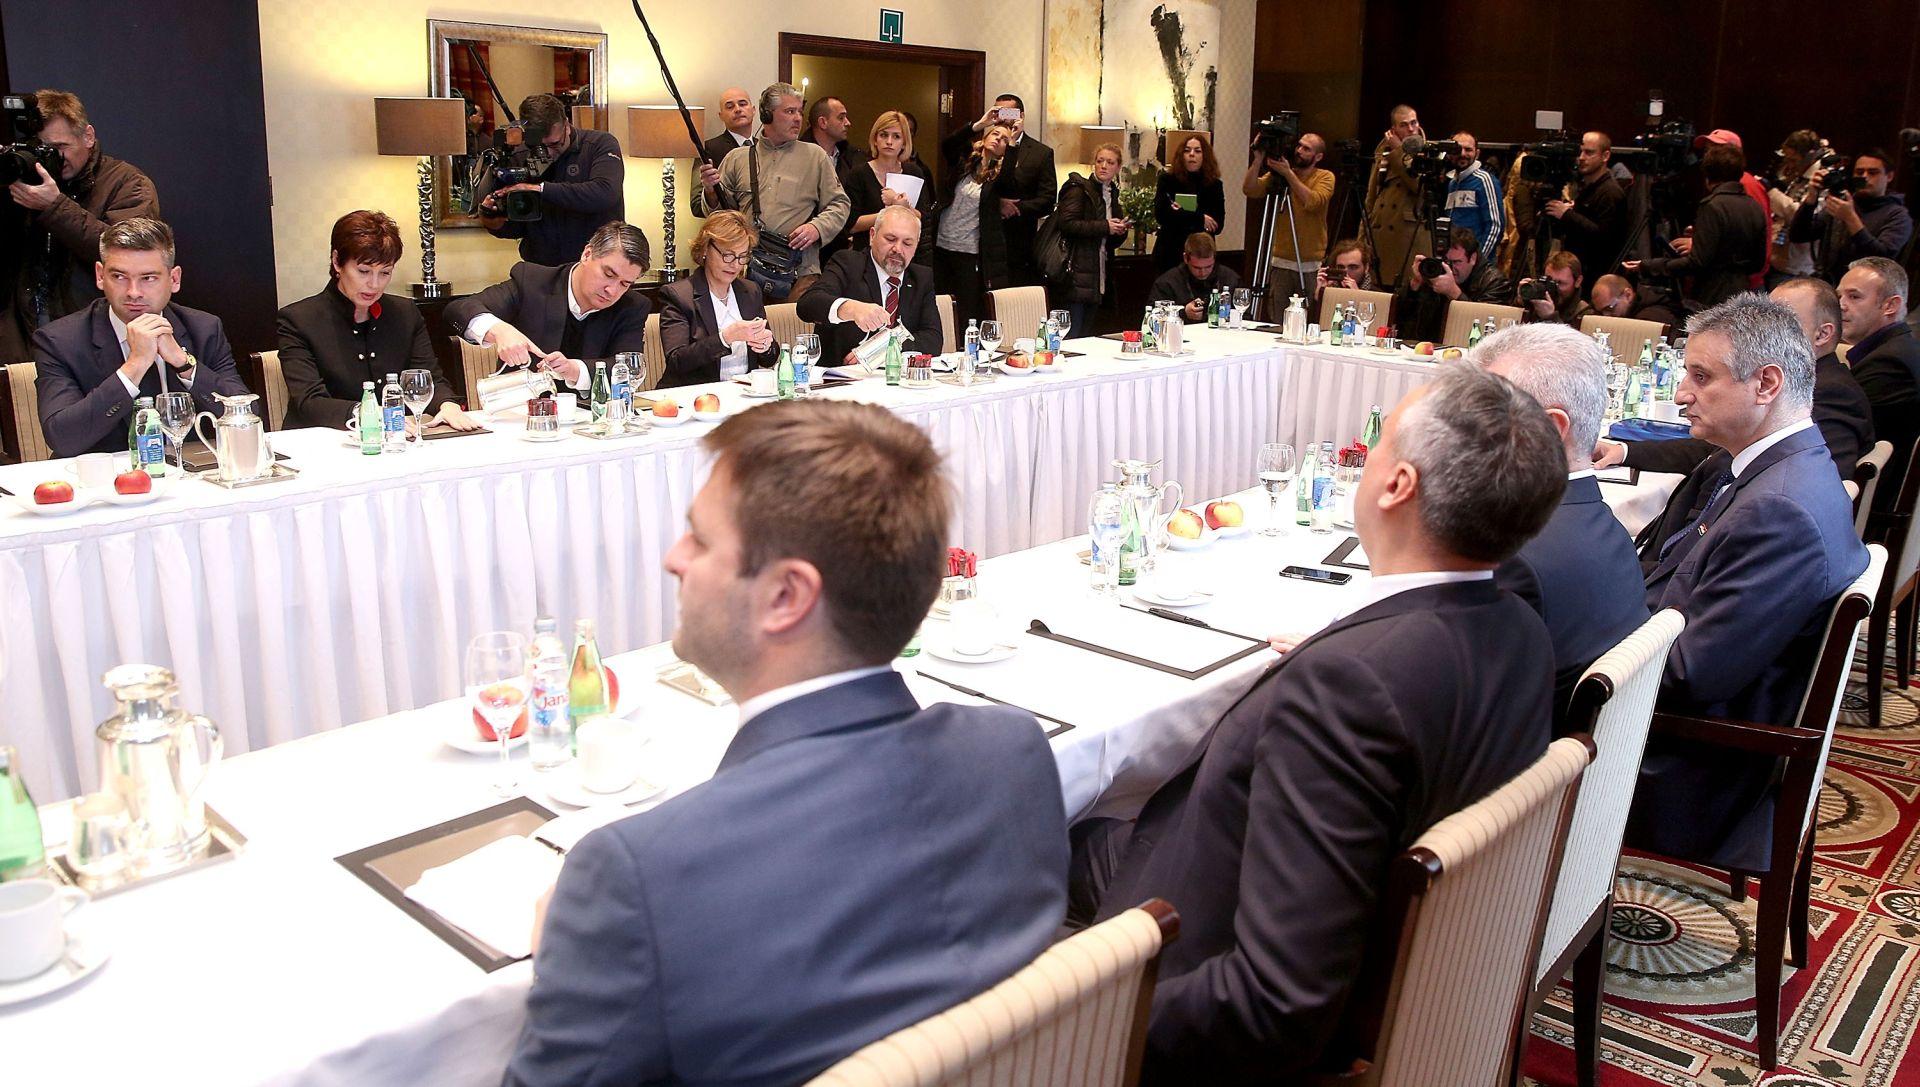 TKO ĆE BITI U DELEGACIJI? Hrvatska raste dolazi na sastanak Mosta i HDZ-a